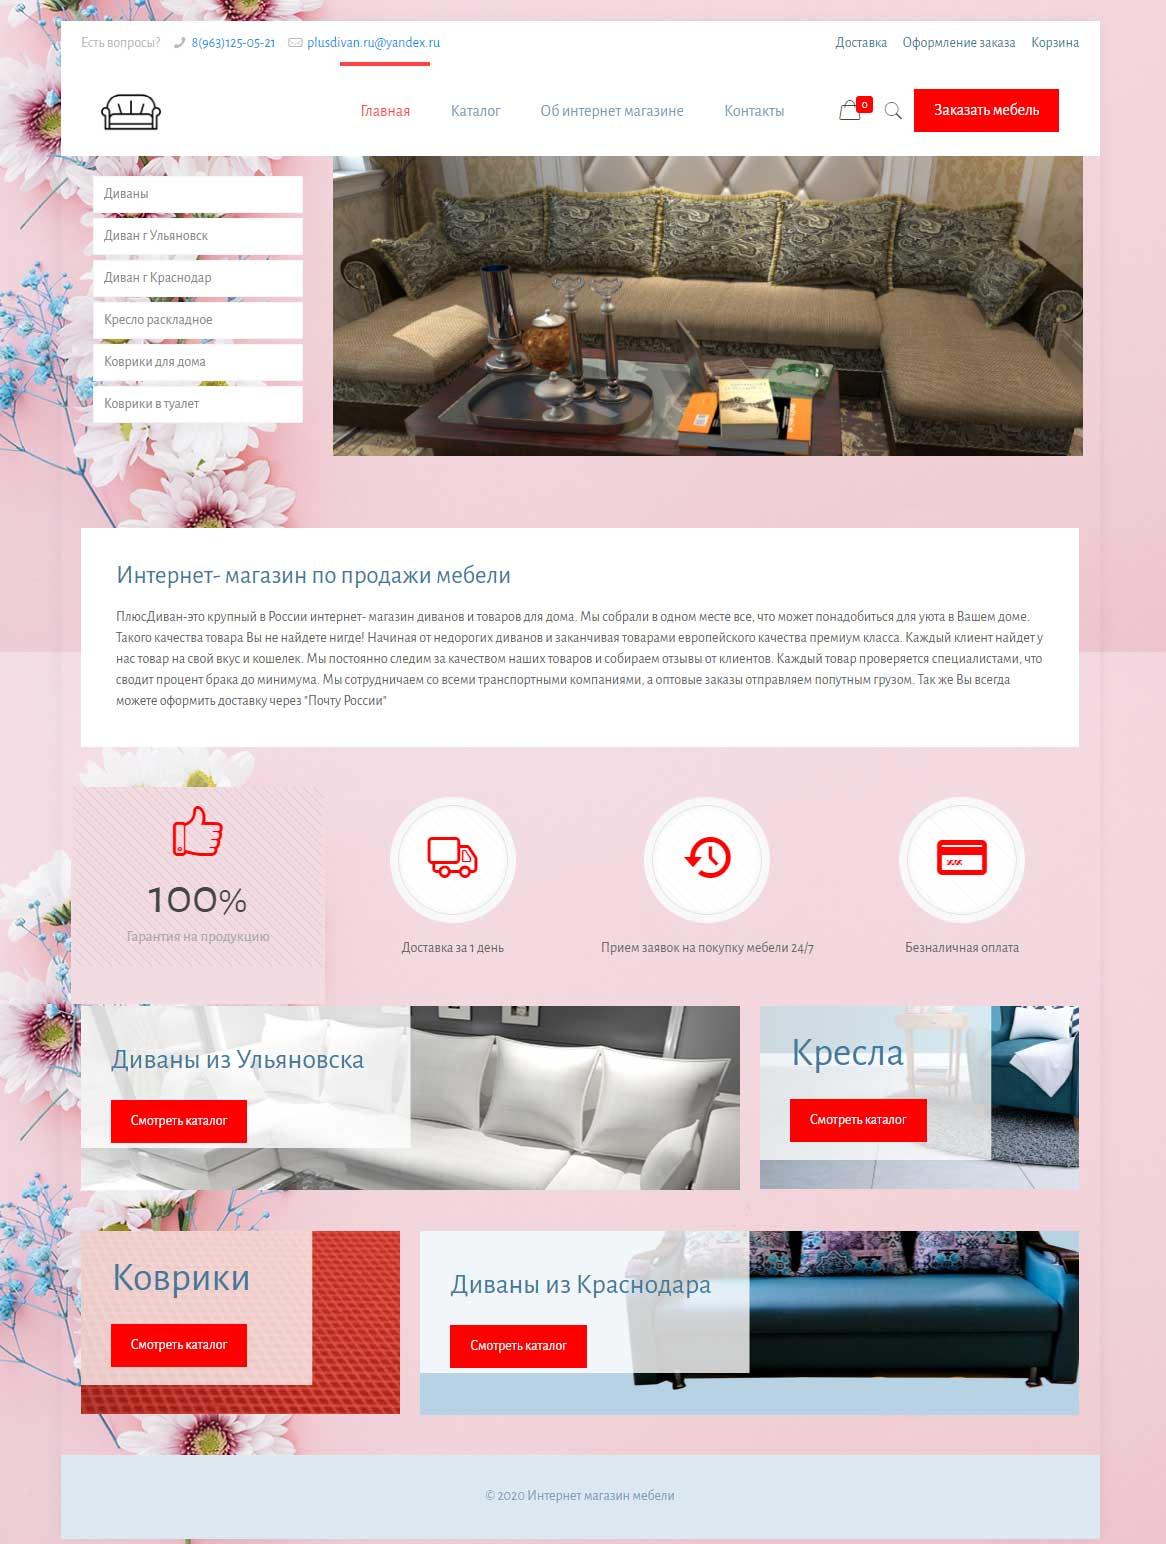 Создать-интернет-магазин-по-продажи-мебели